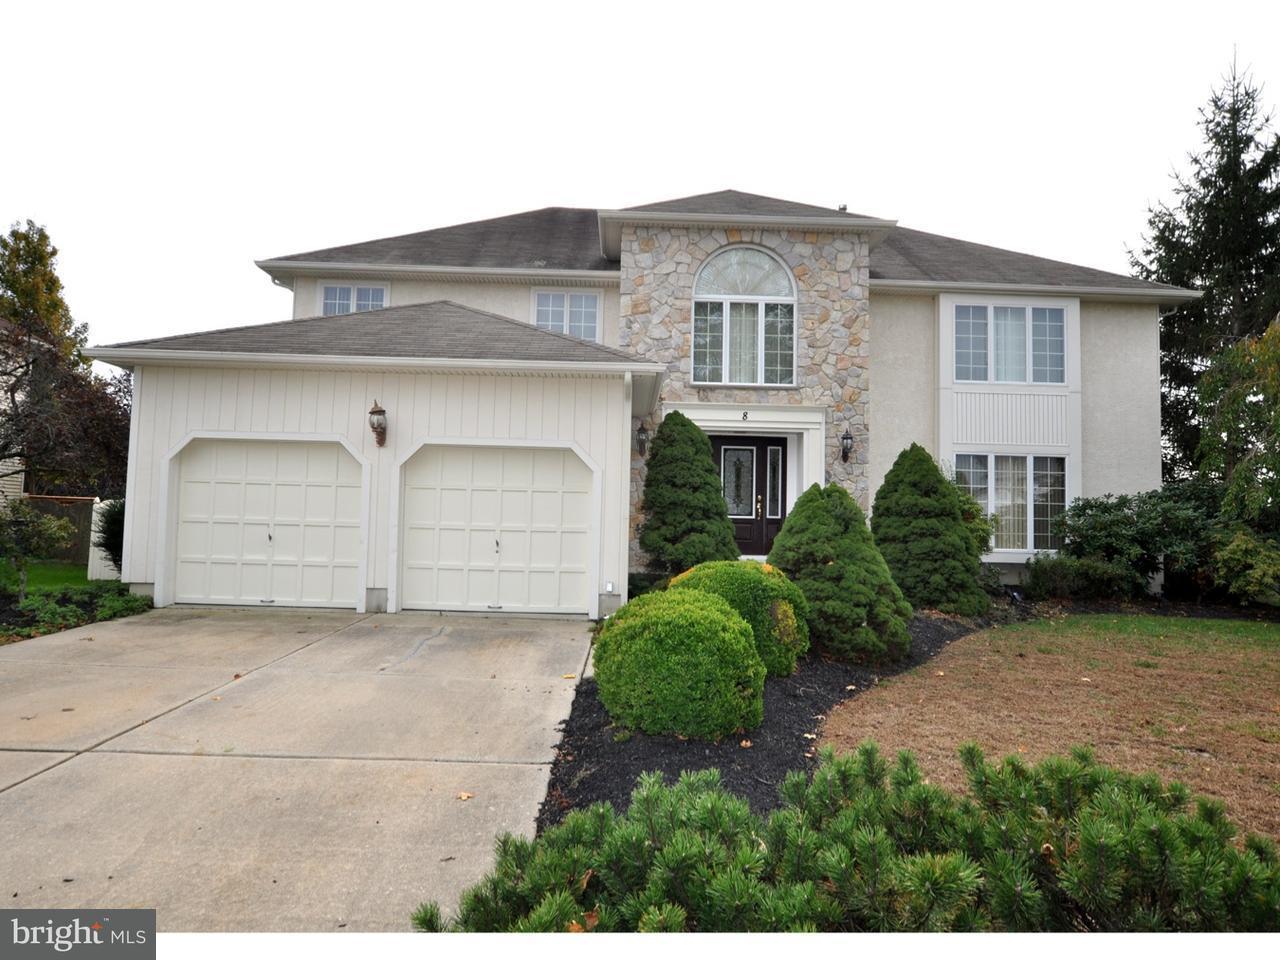 Casa Unifamiliar por un Venta en 8 PATRICK HENRY Drive Evesham, Nueva Jersey 08053 Estados Unidos